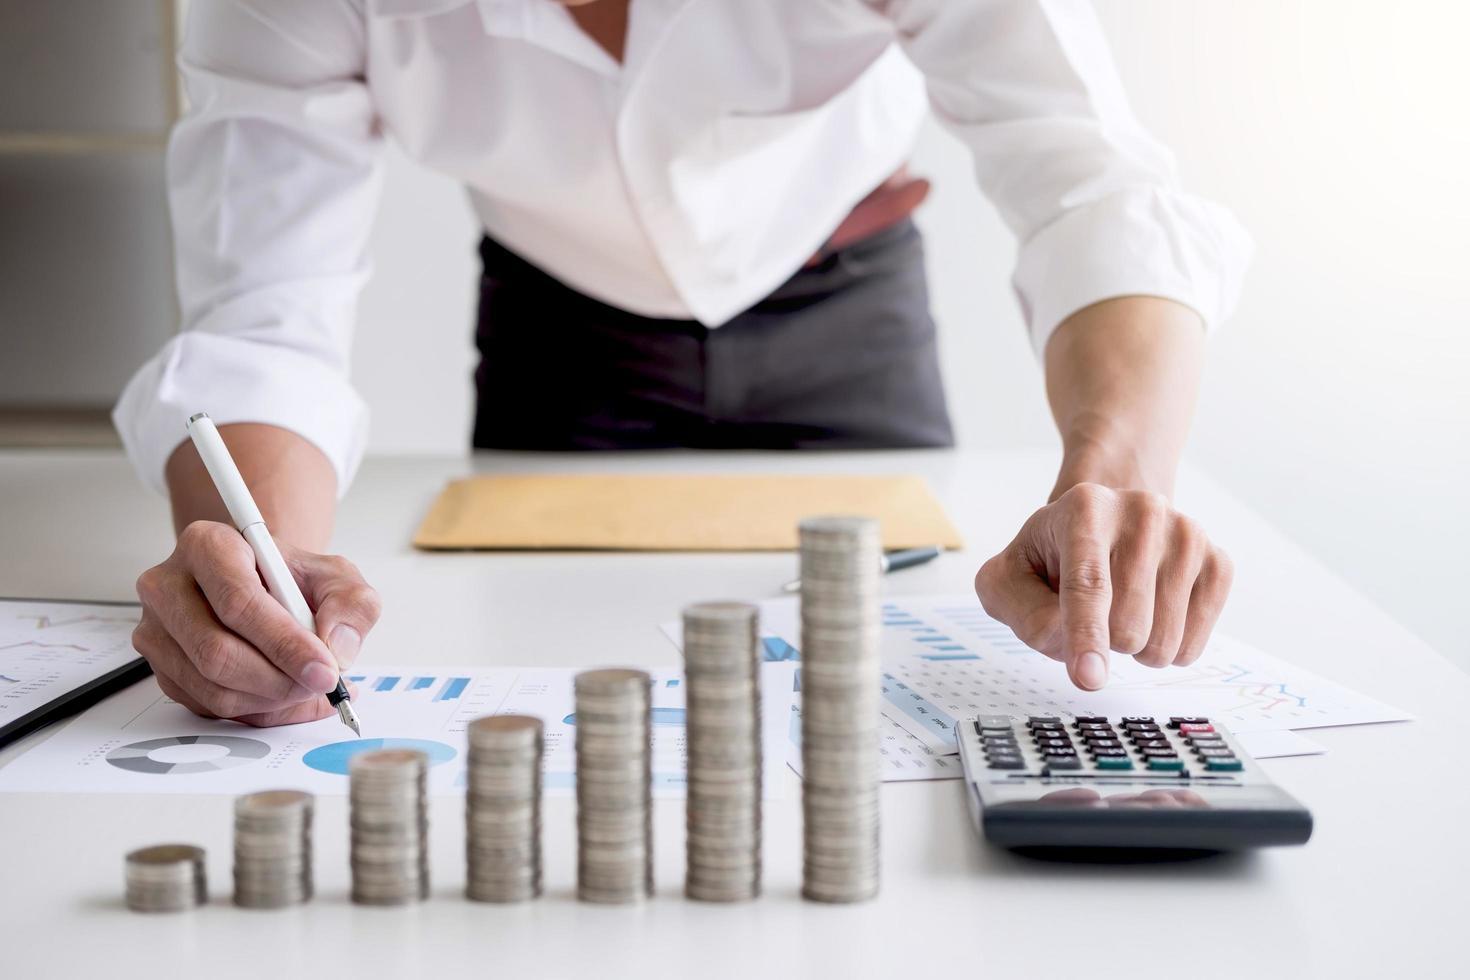 zakelijke accountant berekening van de financiën van de voorraad foto